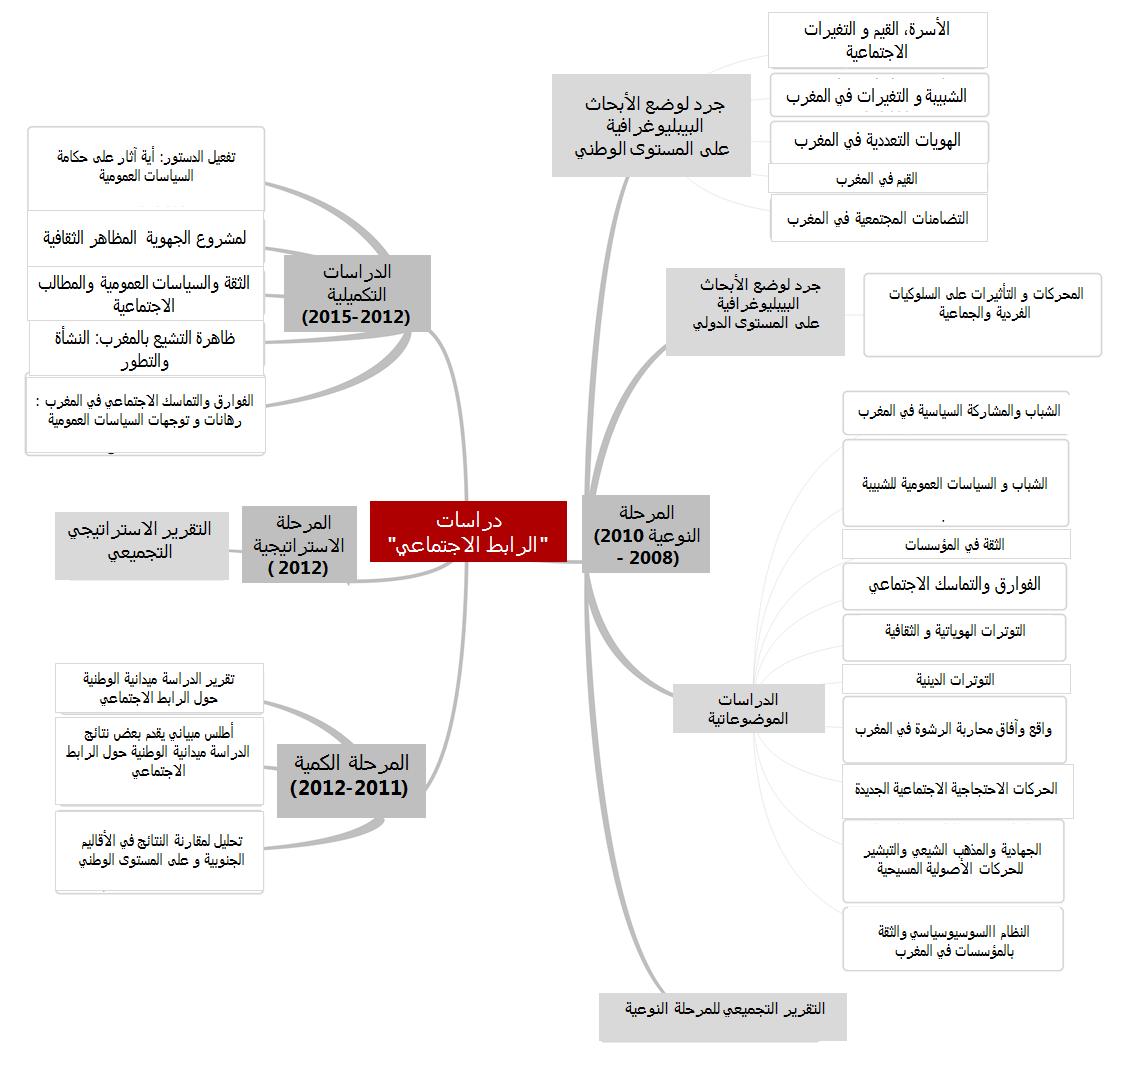 الرابط الاجتماعي المعهد الملكي للدراسات الإستراتيجية Fraise